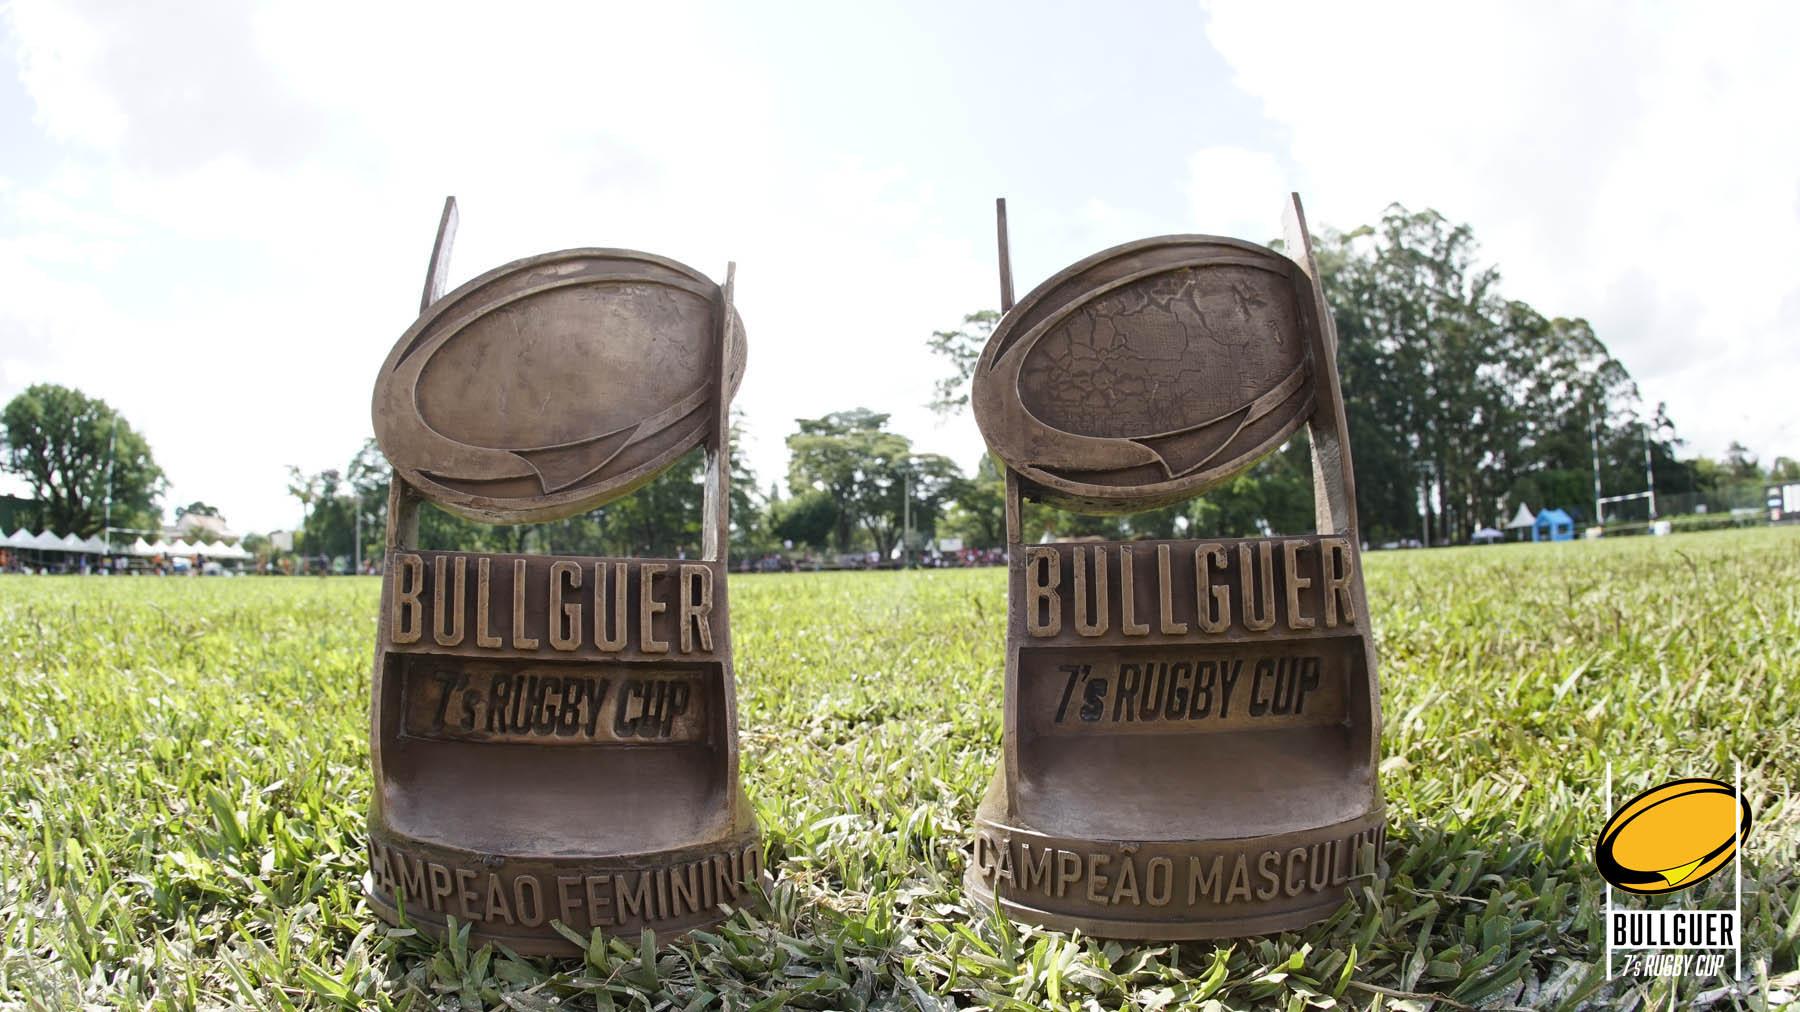 Fotos Copa Bullguer de Rugby 7's Universitário